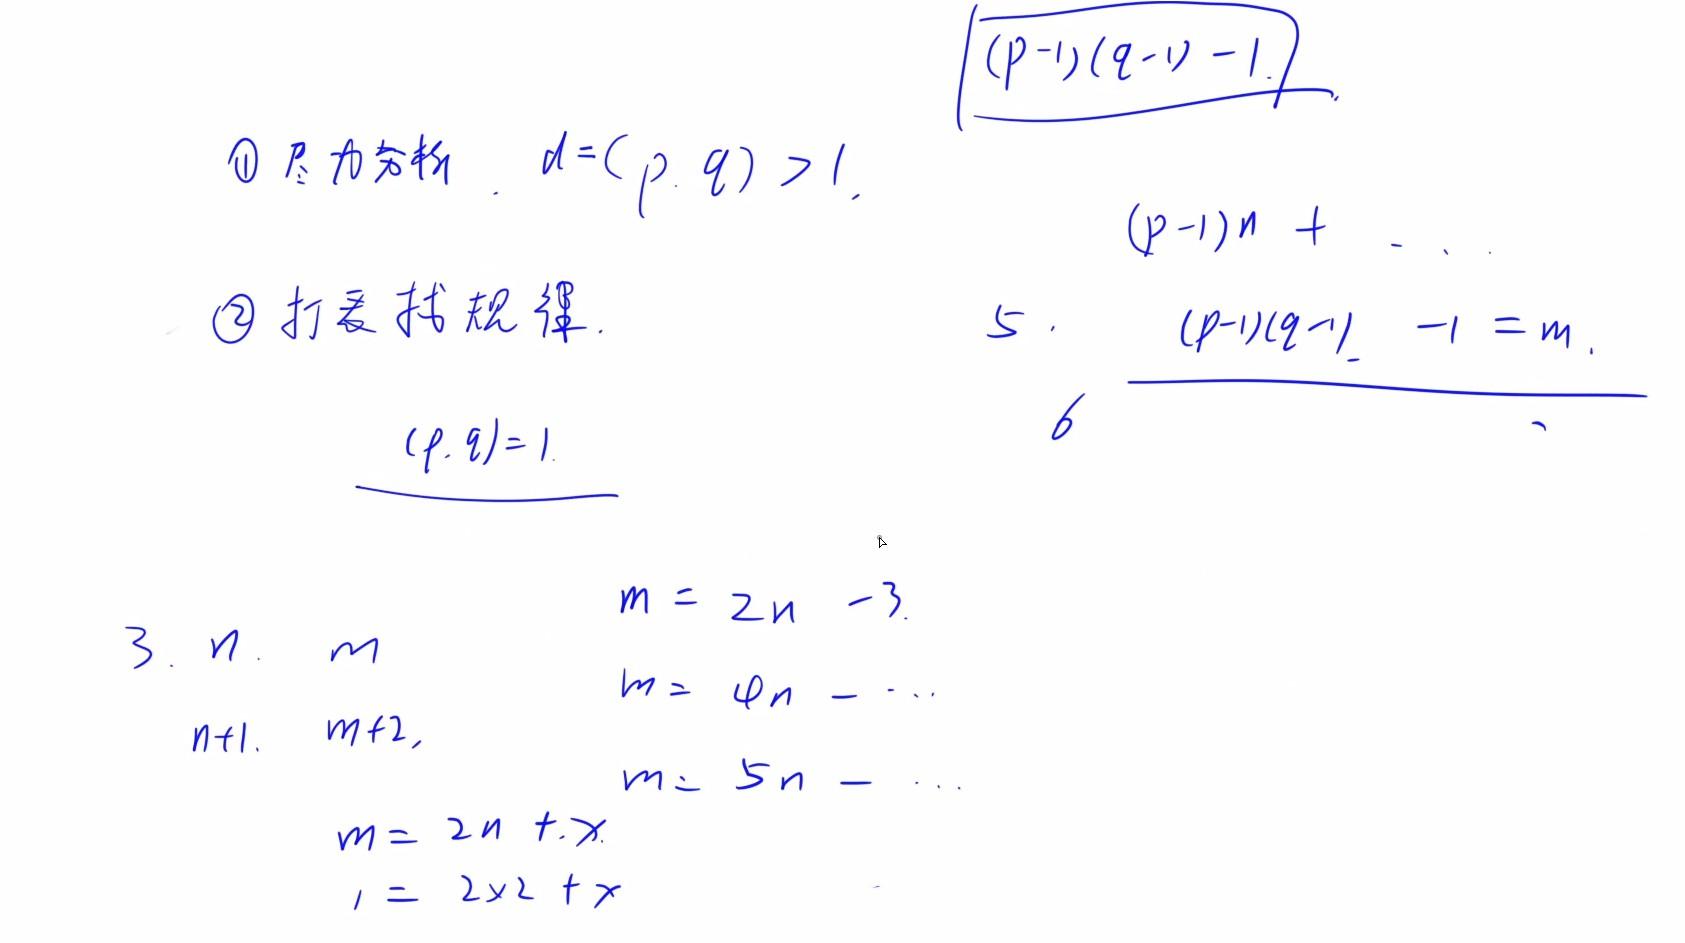 1205 数学 打表找规律 买不到的数目.jpg